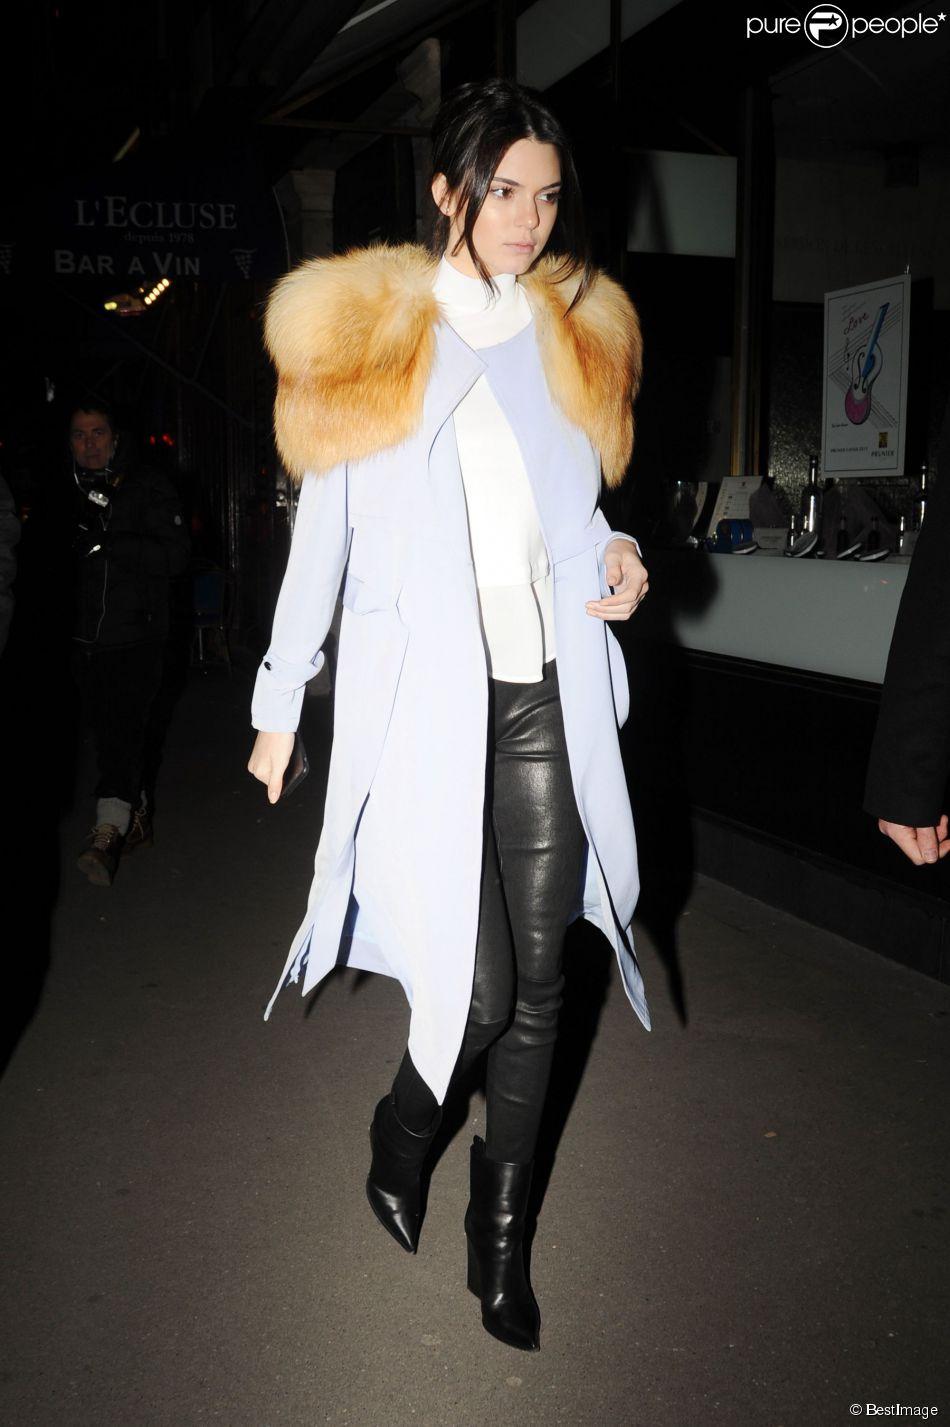 Kendall Jenner, de sortie à Paris, a fait un tour de Grande Roue et dîné au restaurant Caviar Kaspia. Elle porte un trench-coat Greylin (modèle Pietra) et une petite cape en fourrure Skaist-Taylor, un top A.L.C., un pantalon en cuir et des bottines Céline Le 25 janvier 2015.